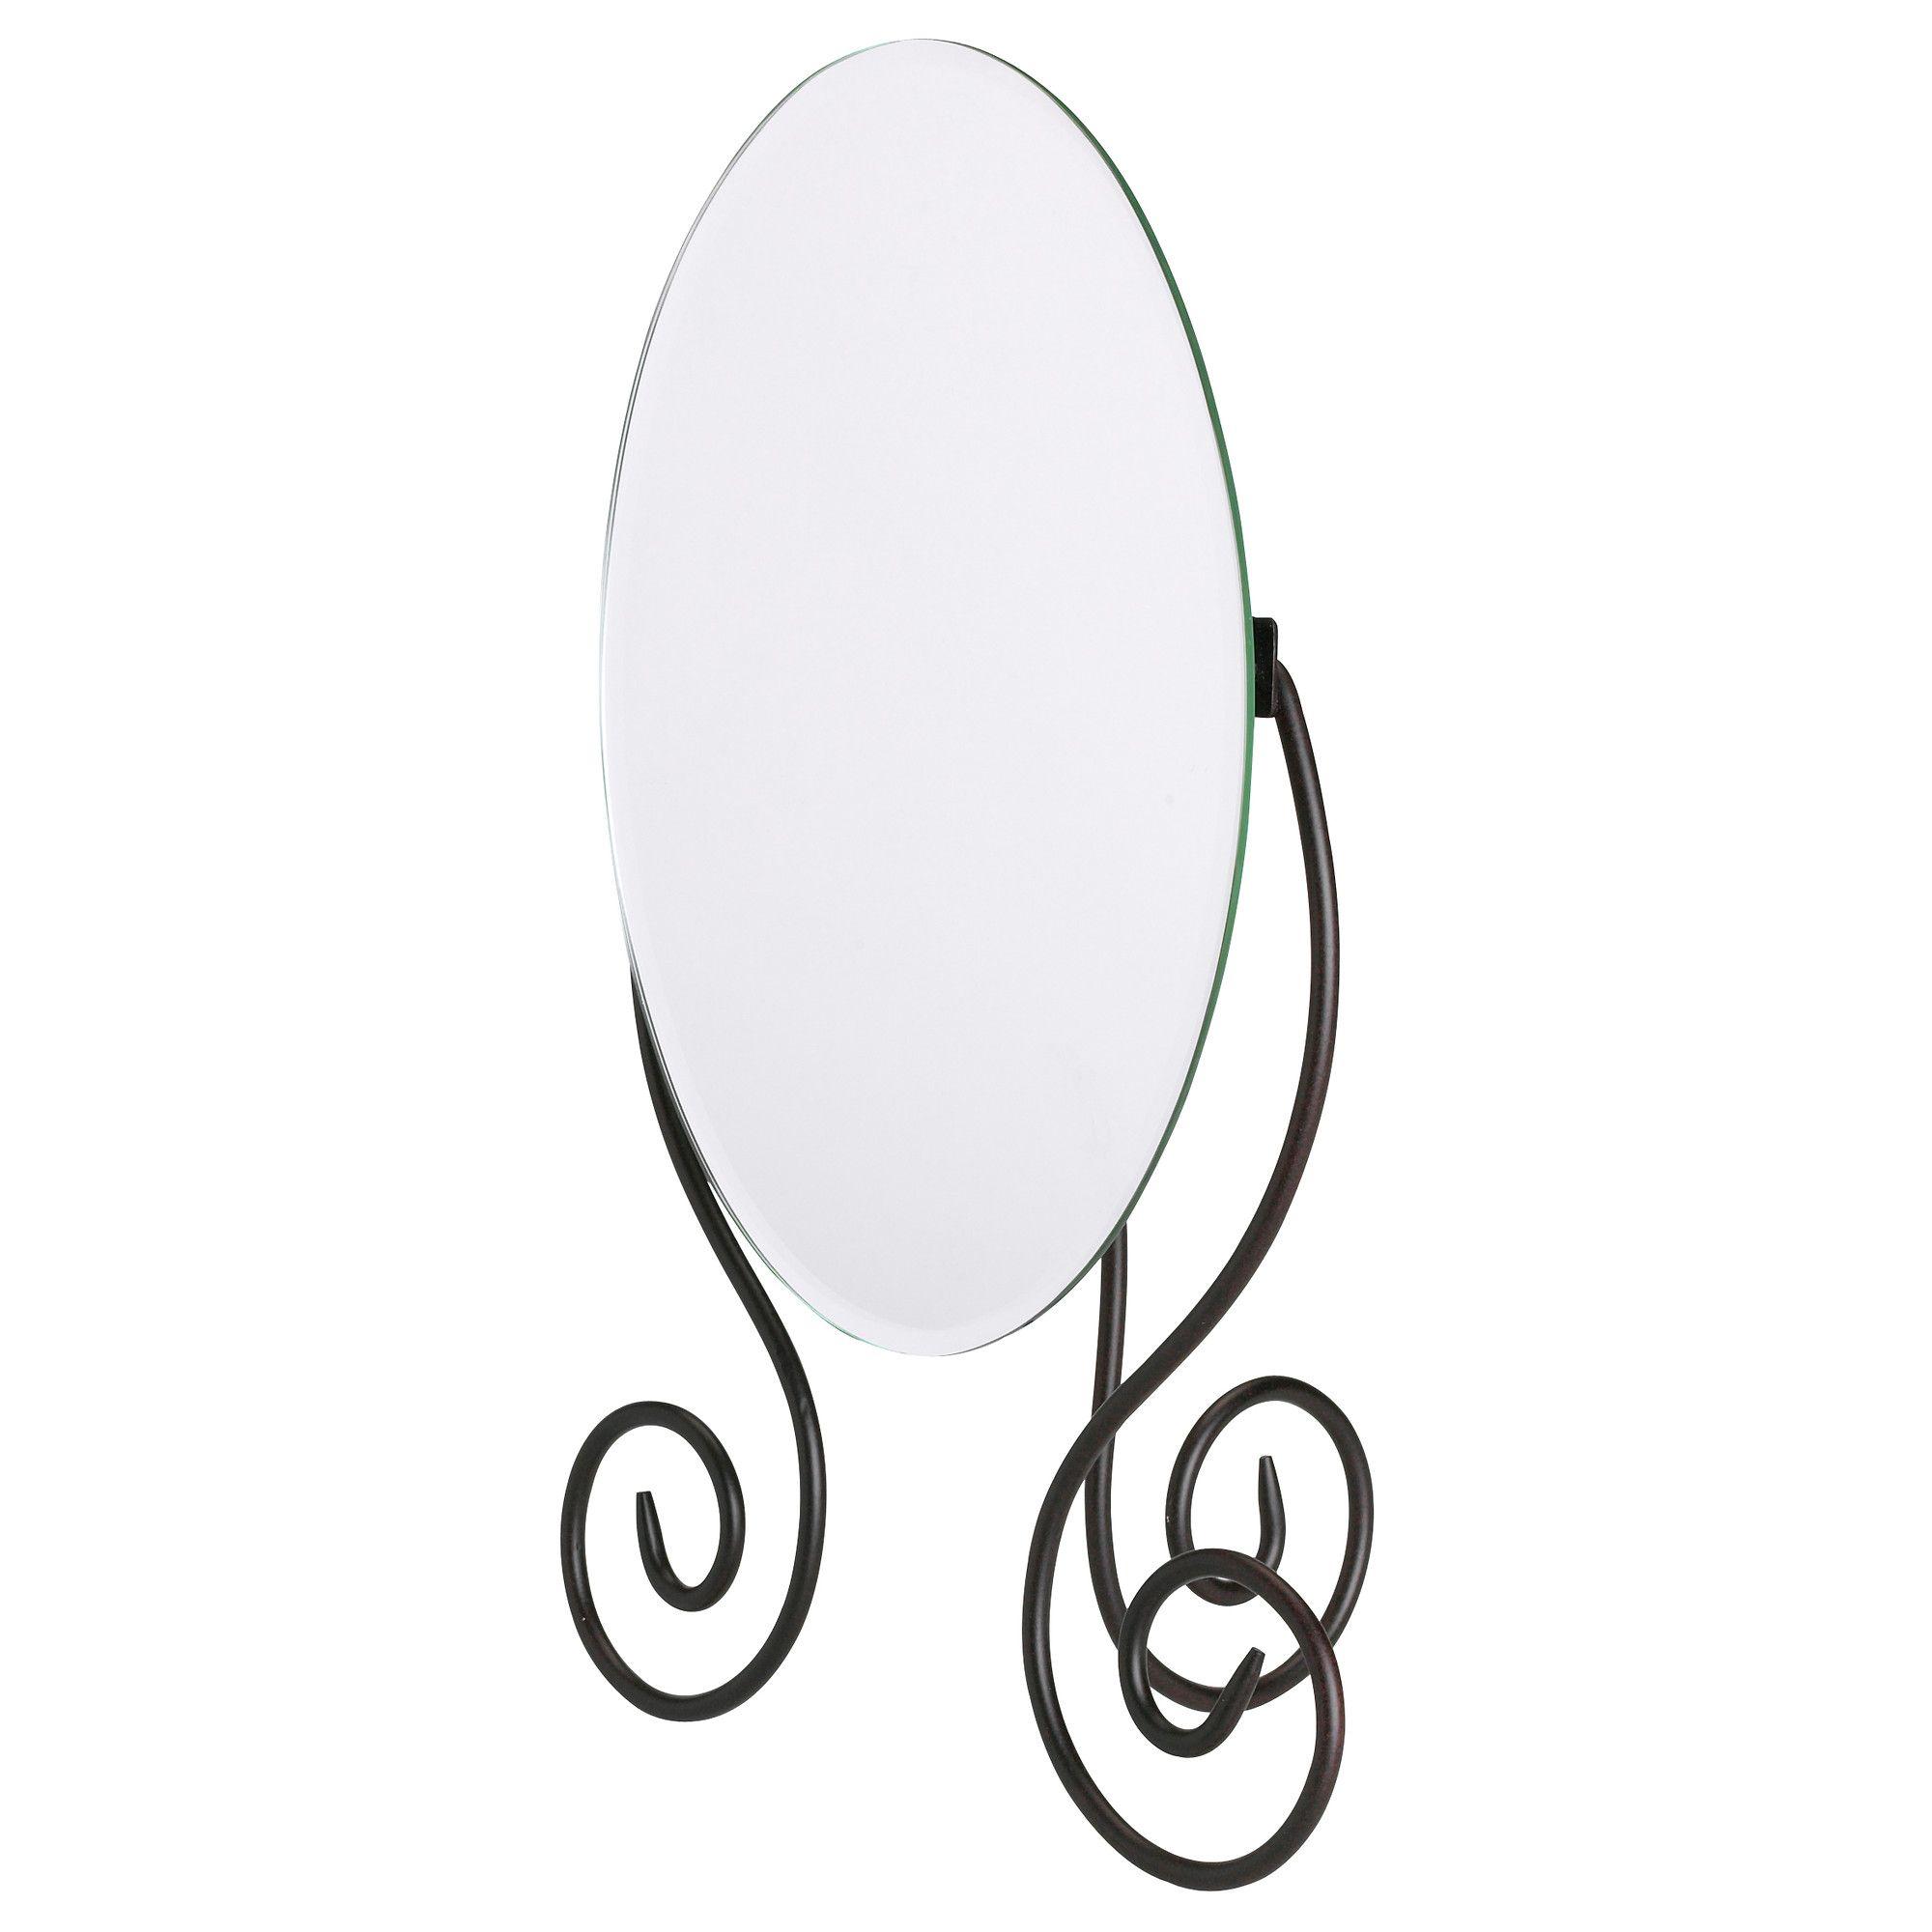 Home Furniture Decor Outdoors Shop Online Specchio Da Tavolo Tavolo Ikea Specchi Decorativi